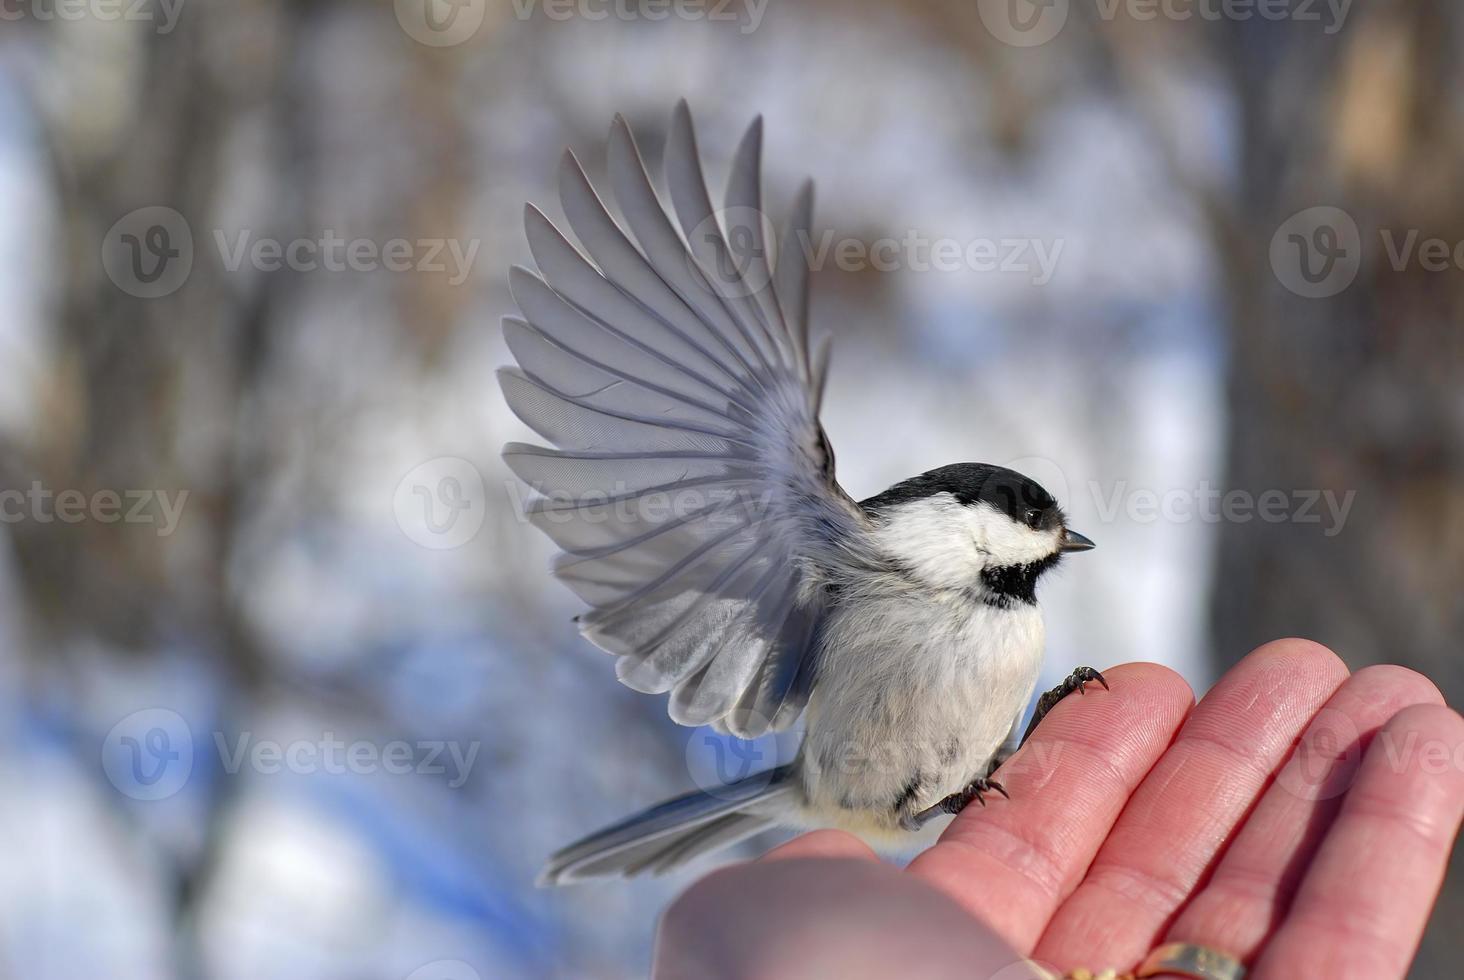 vogel in de hand foto